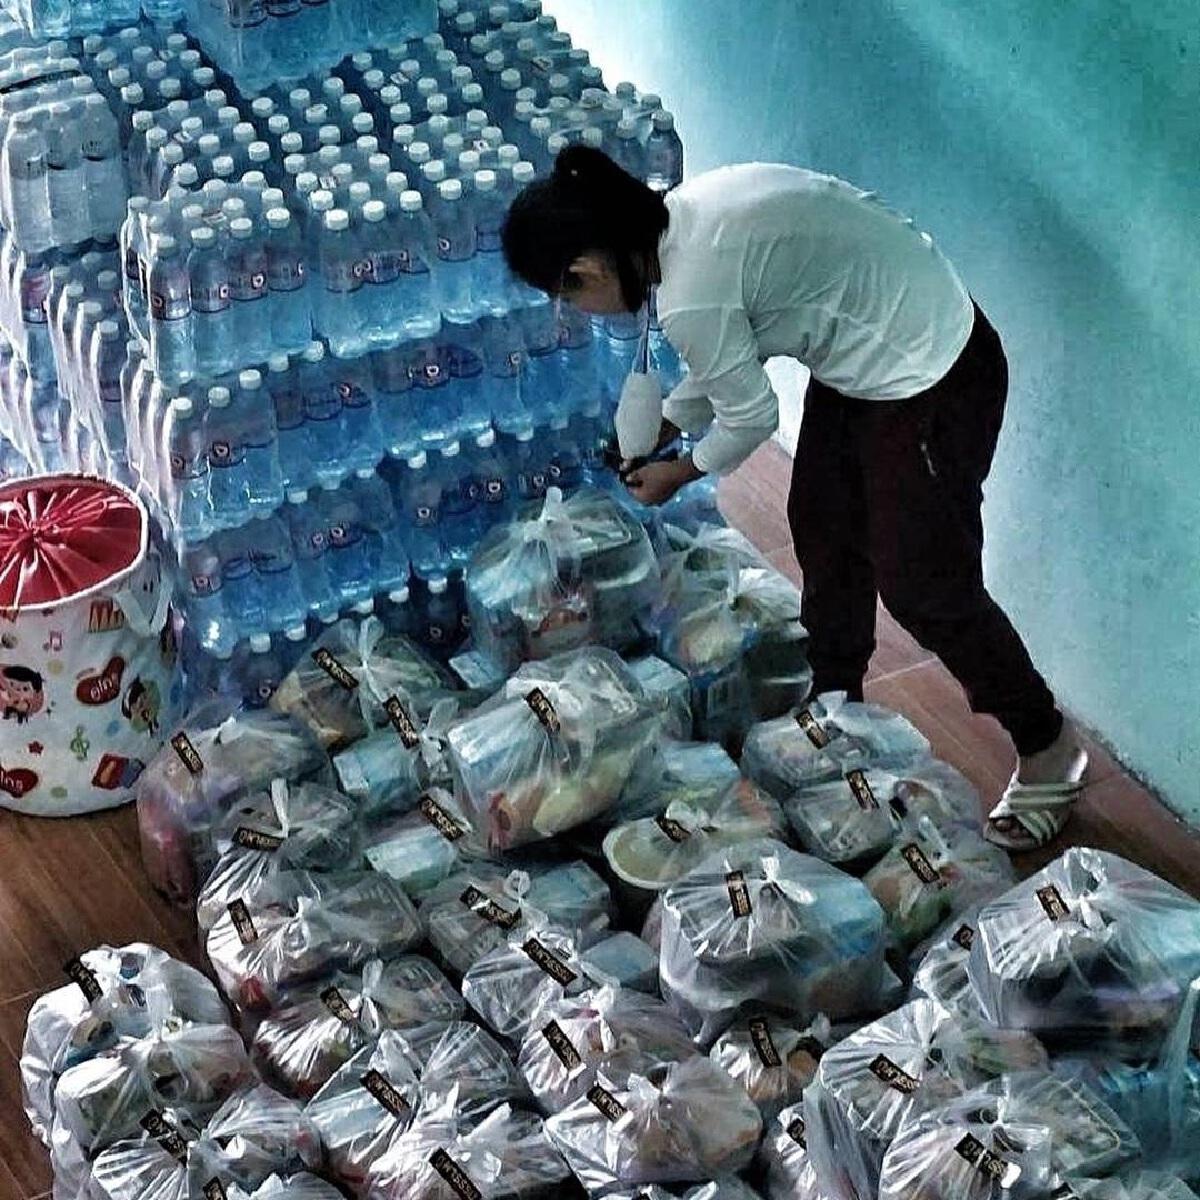 ปาน ธนพร เป็นสะพานบุญ ช่วยเหลือชาวลพบุรี ส่งถุงยังชีพ 60 ครัวเรือน